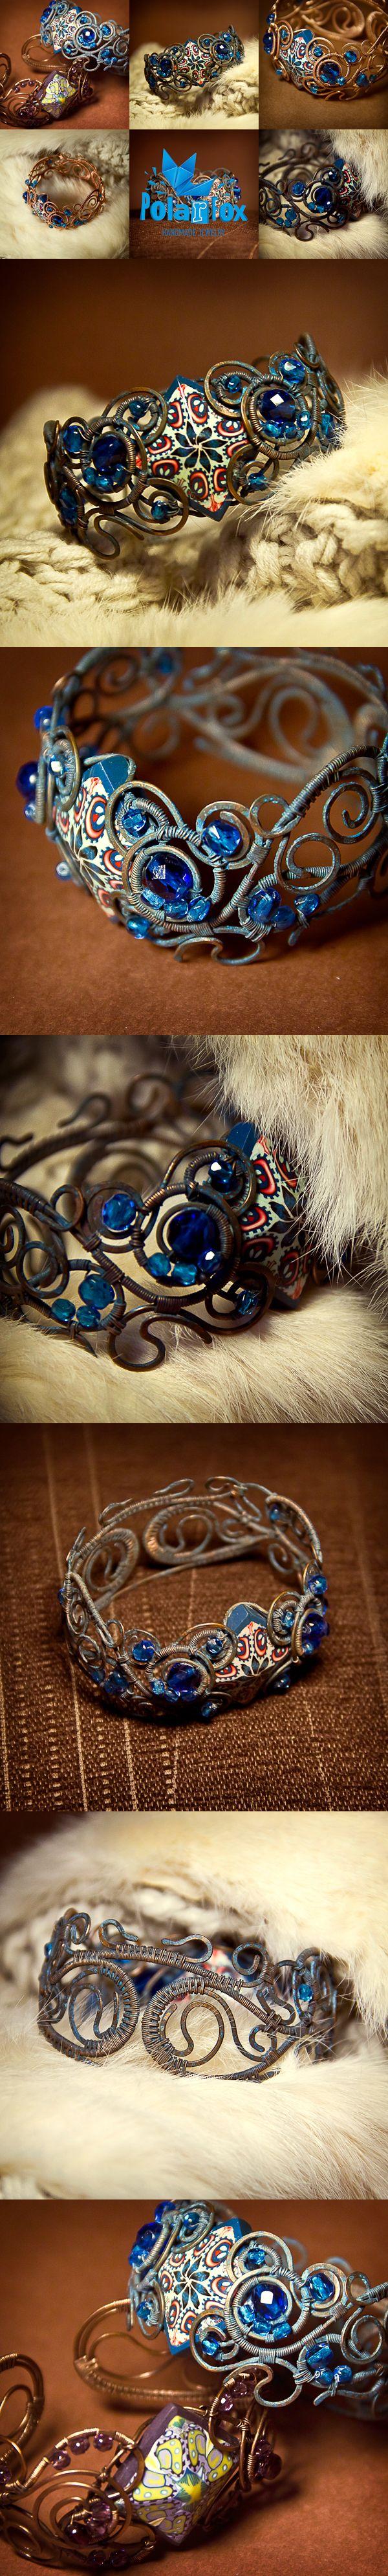 polymerclay, fimo, beads, kaleidoscope, cane,wirewrap, blue, bracelet, handmade, jewelry, hobby, polarfoxcraft